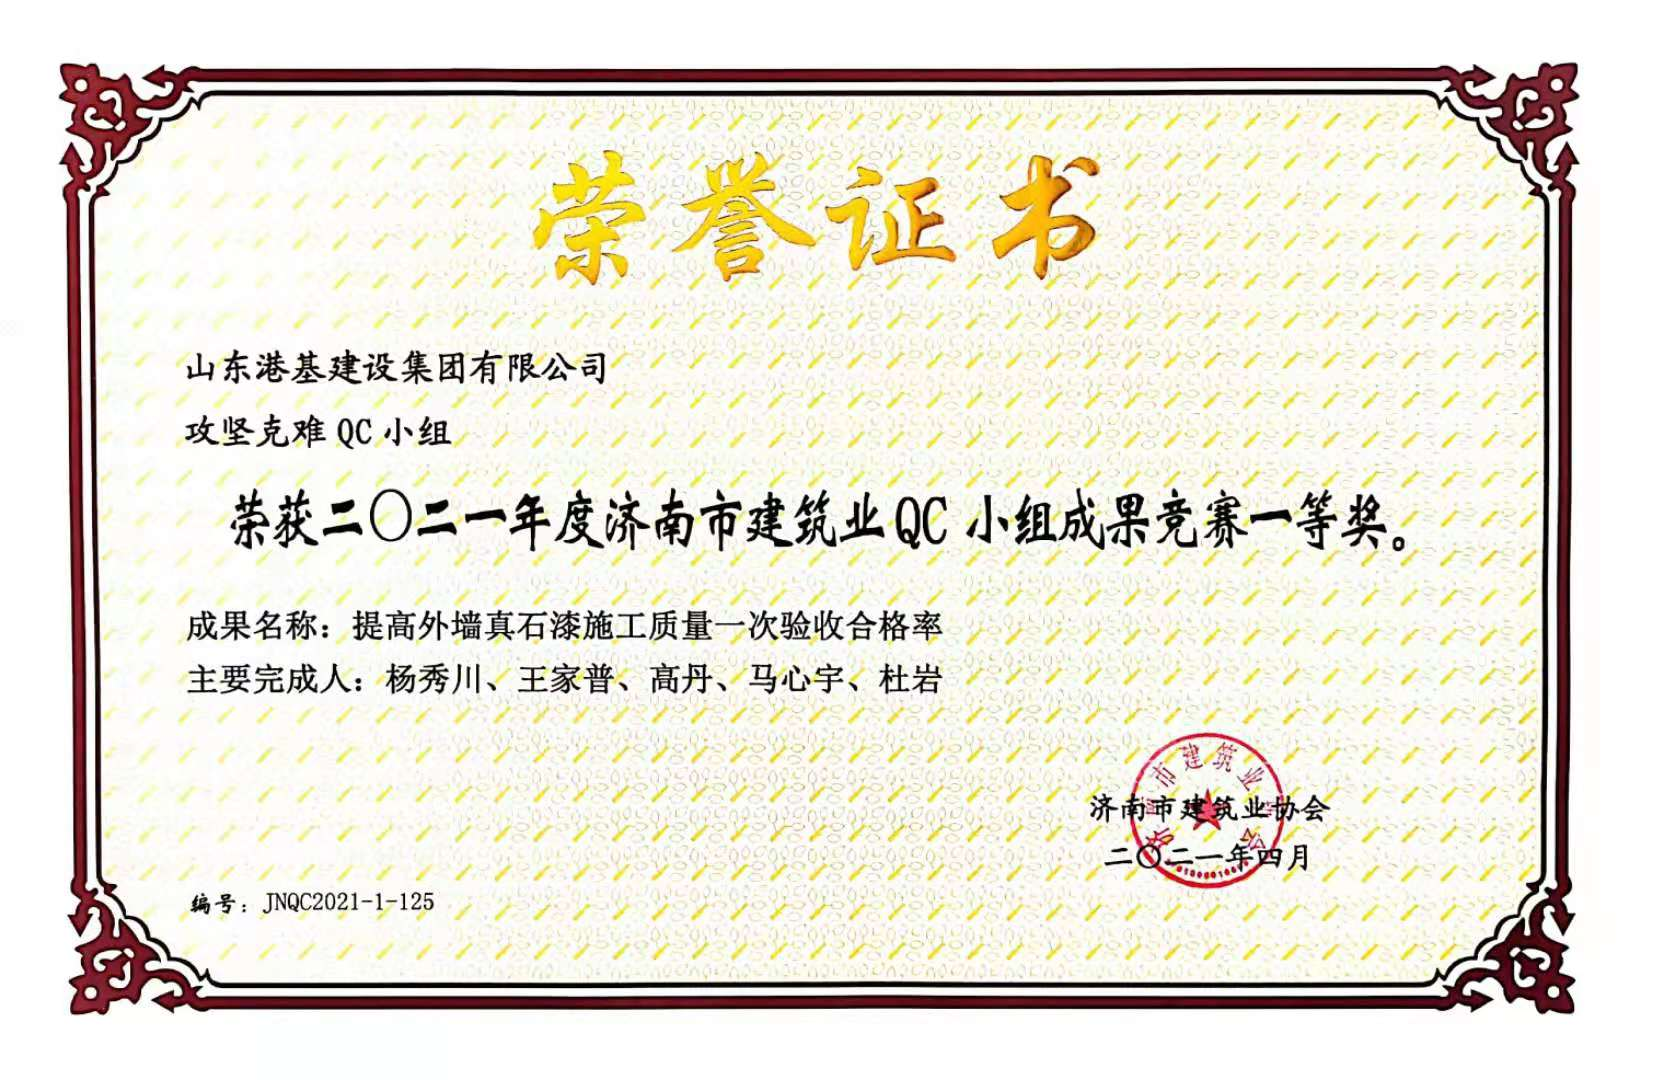 【喜讯】砥砺前行,再创佳绩—— 大发赌场平台网有限公司荣获QC成果一等奖